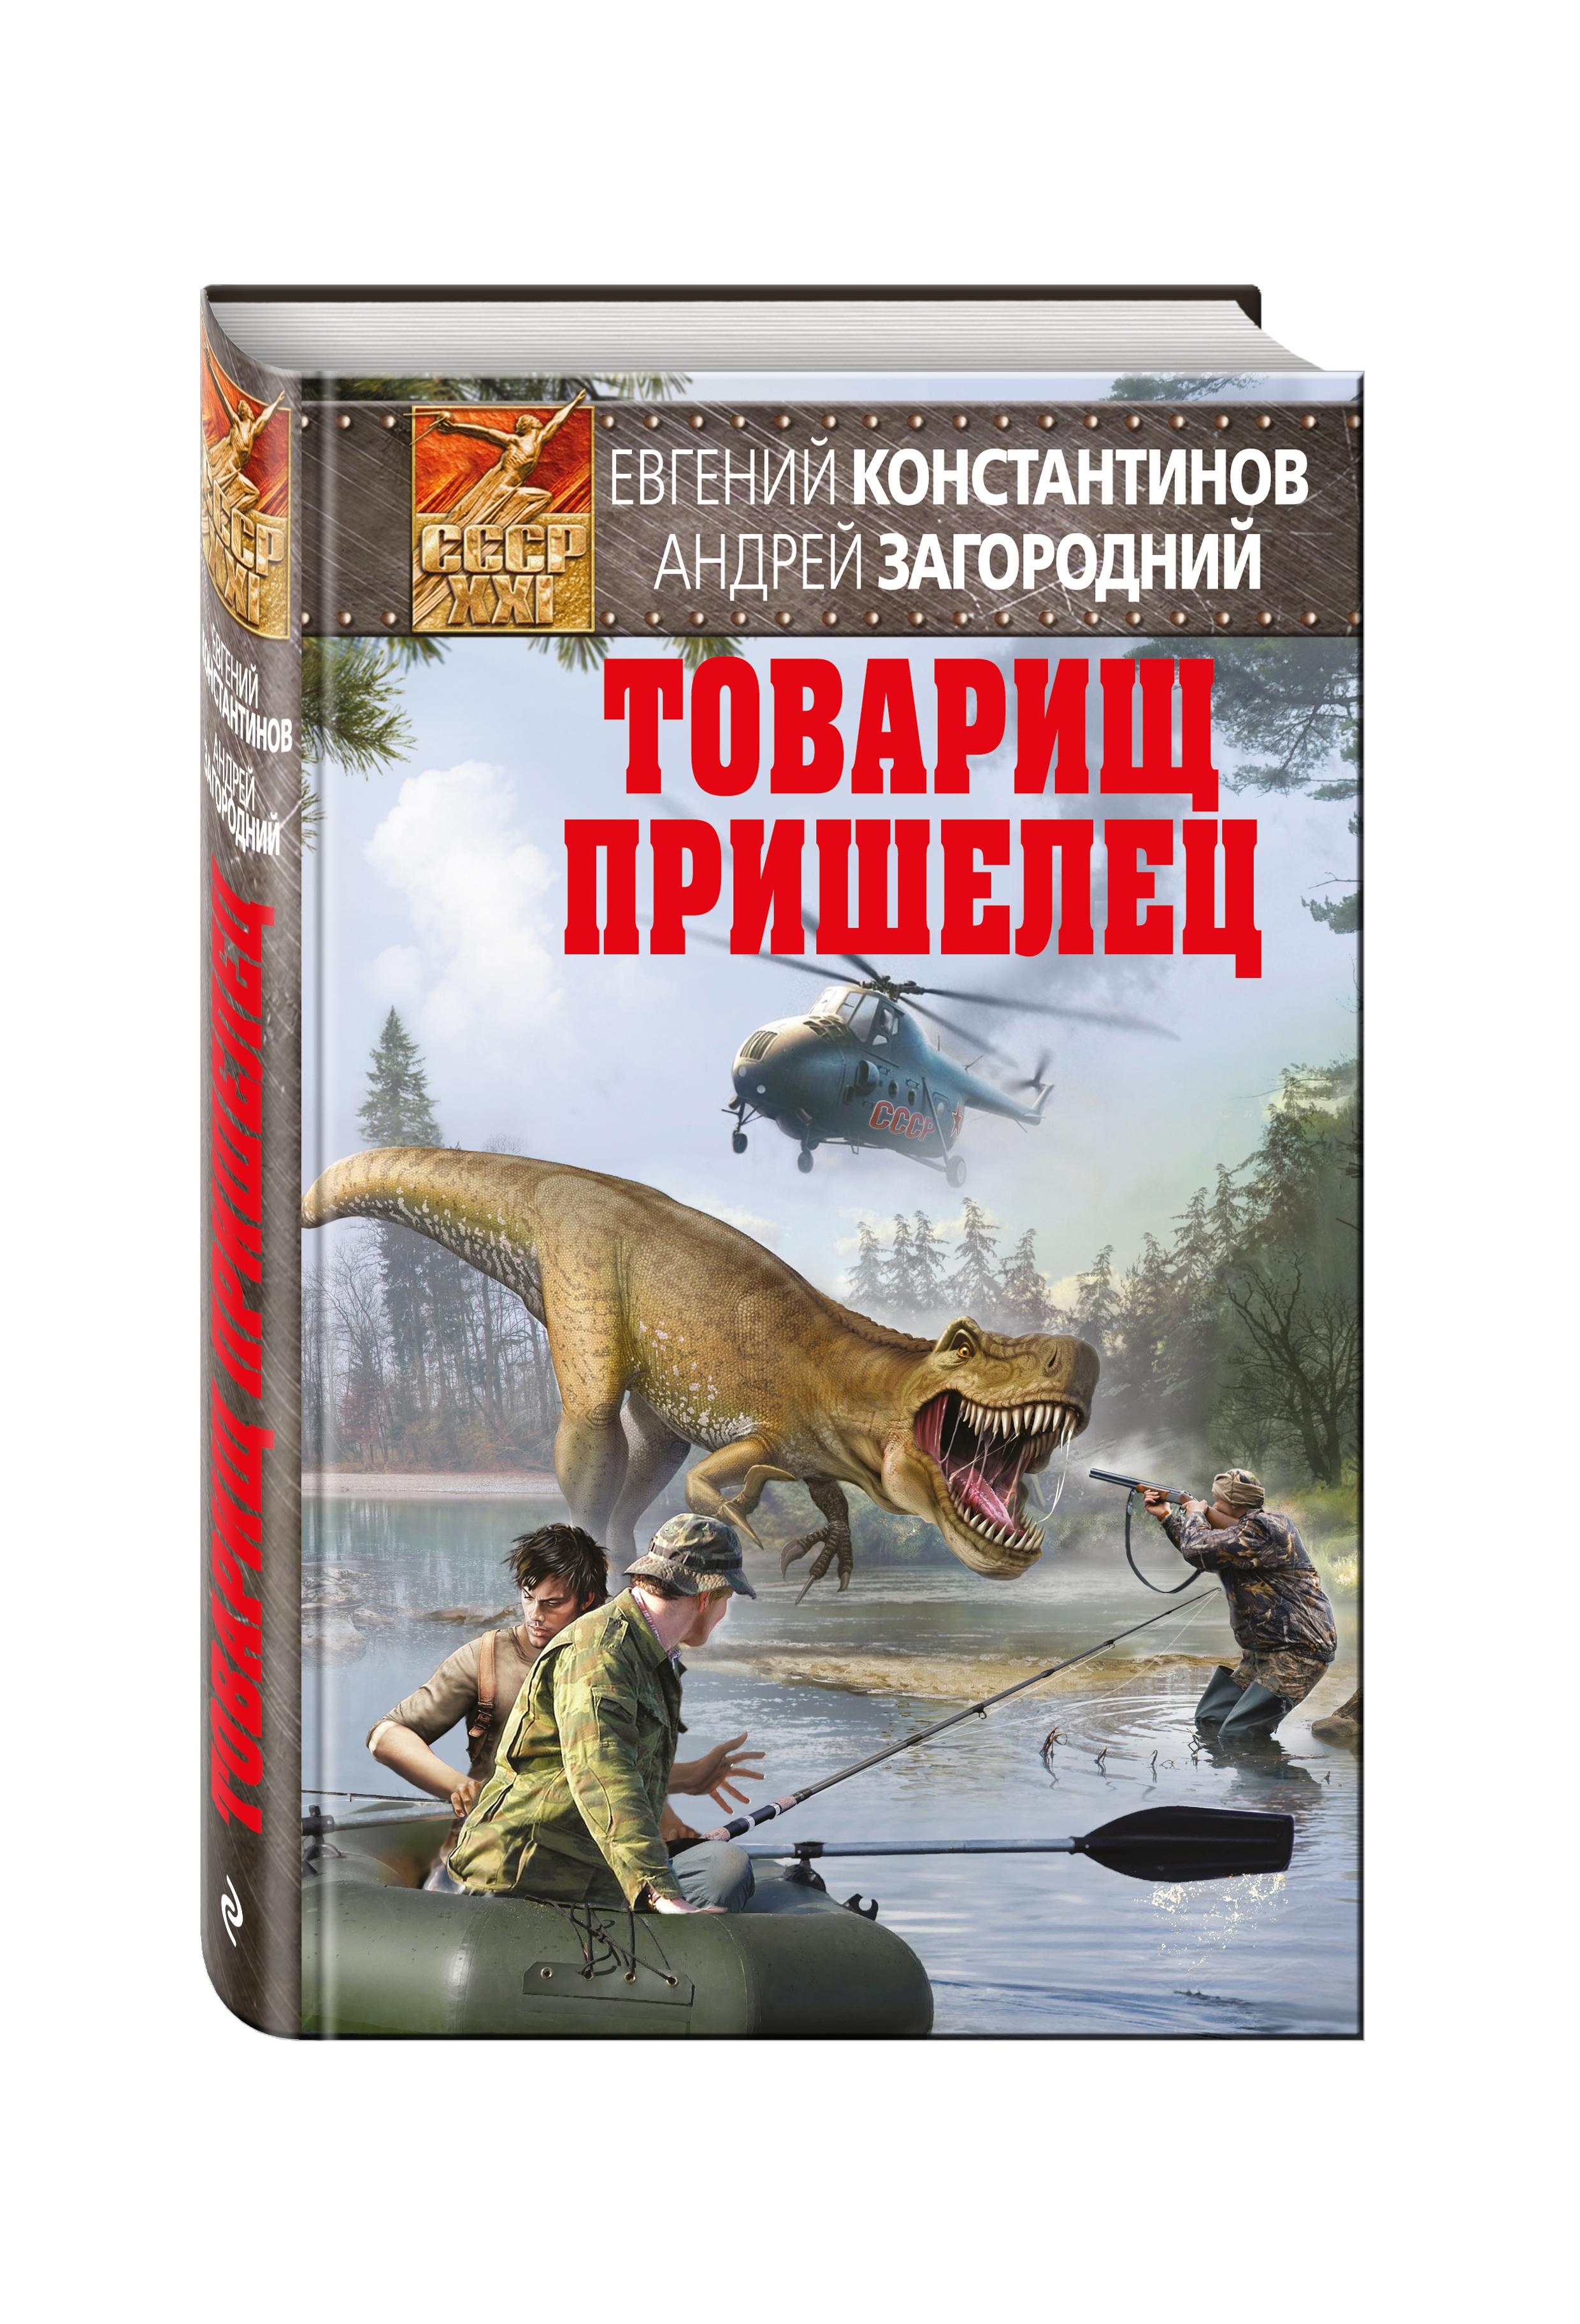 Евгений Константинов, Андрей Загородний Товарищ пришелец